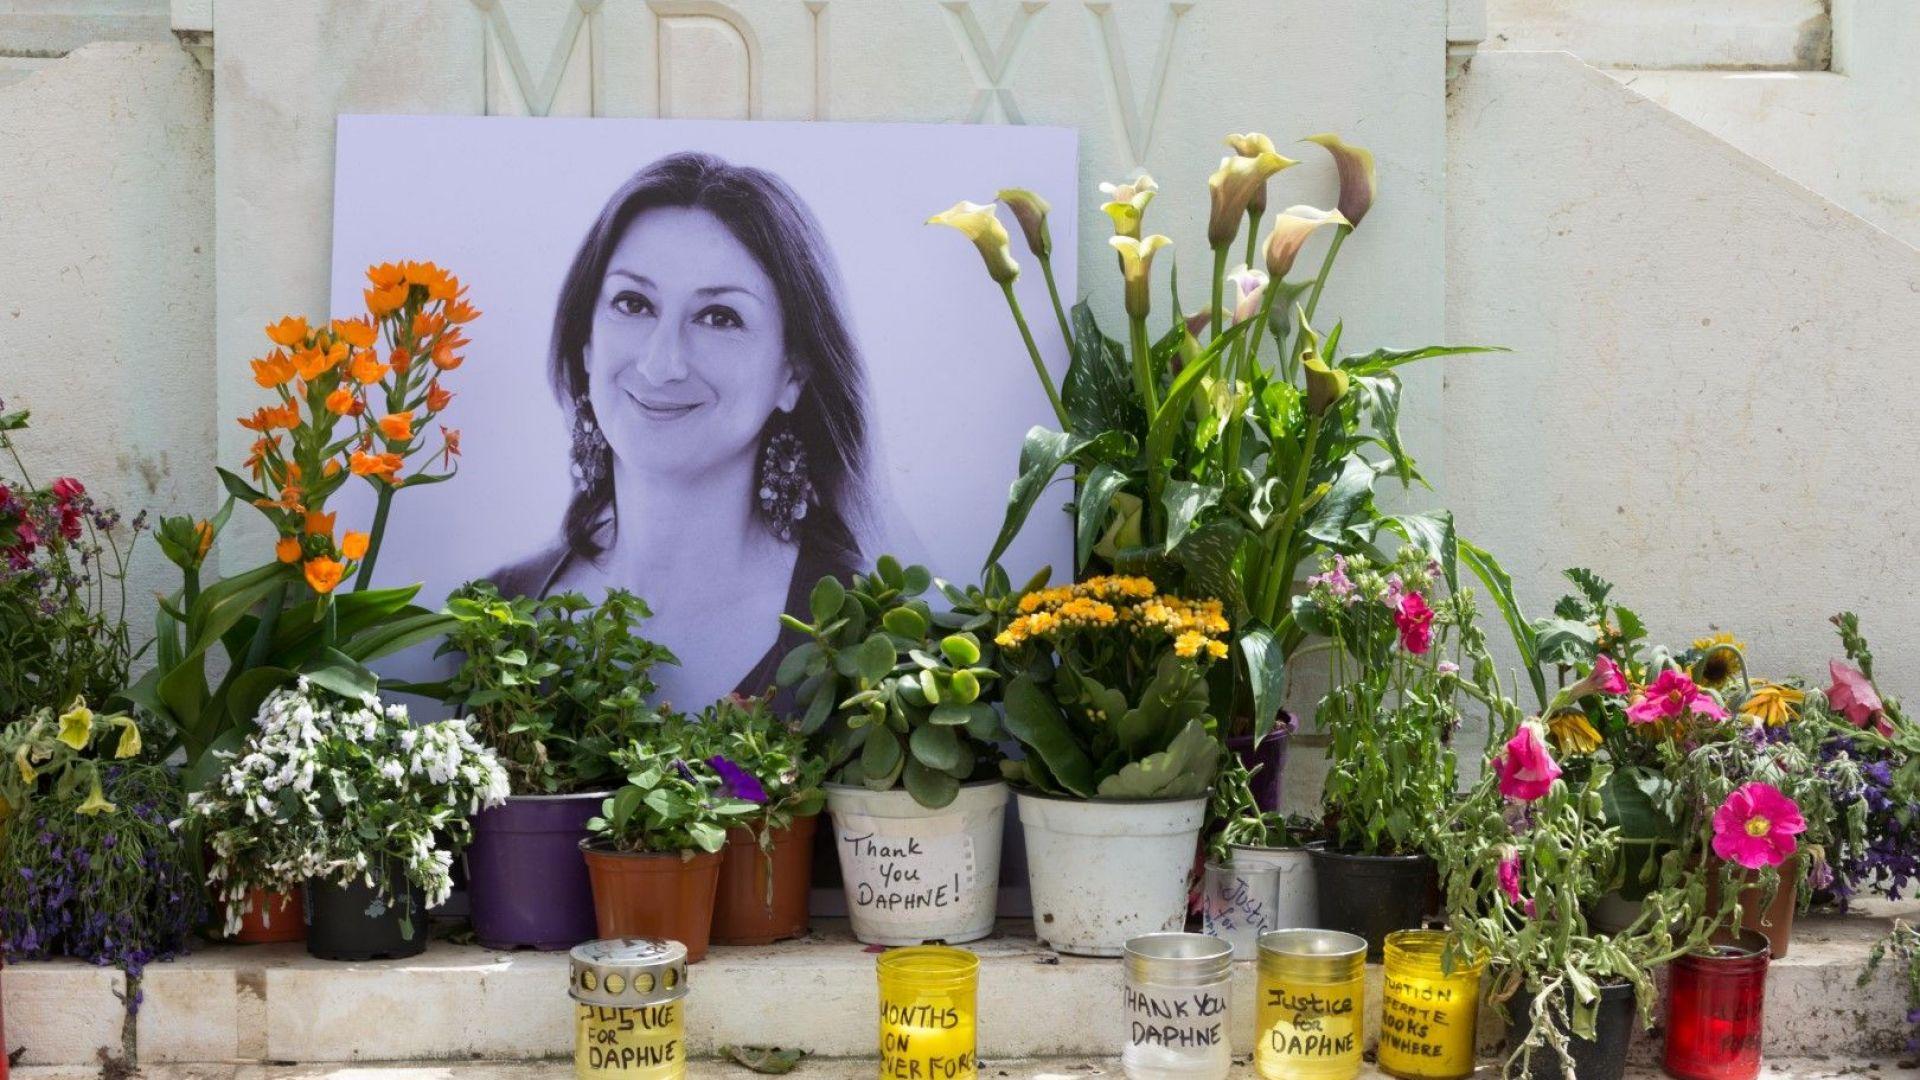 ЕК на годишнината от убийството на Дафне Галиция: Няма демокрация без свобода на словото